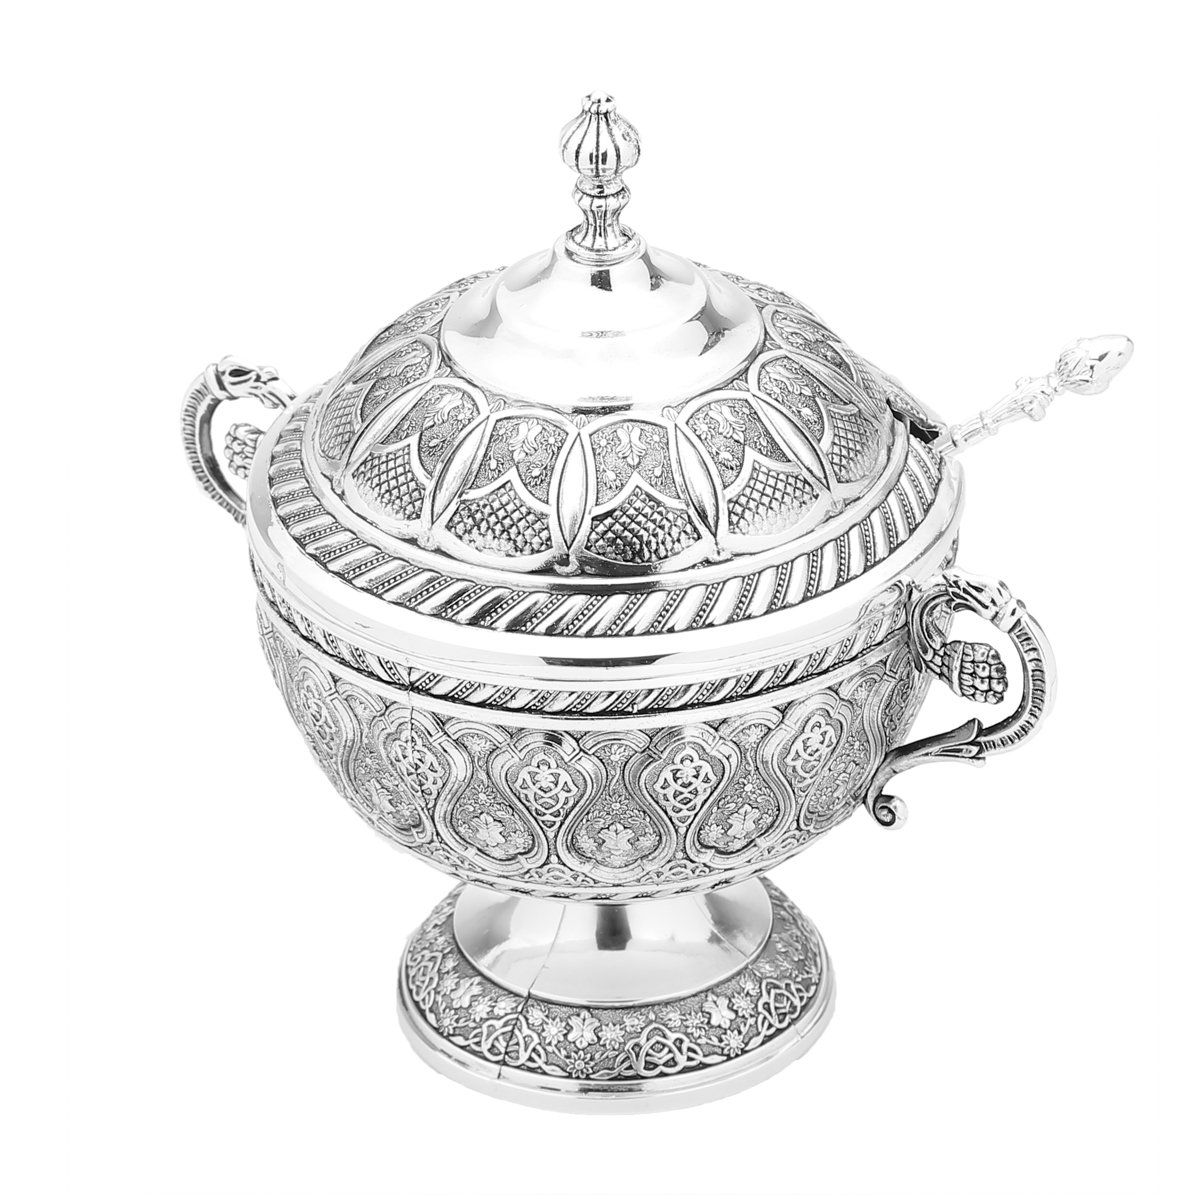 Açucareiro 16 cm de zamac banhado em prata com colher Agra Lyor - L3768